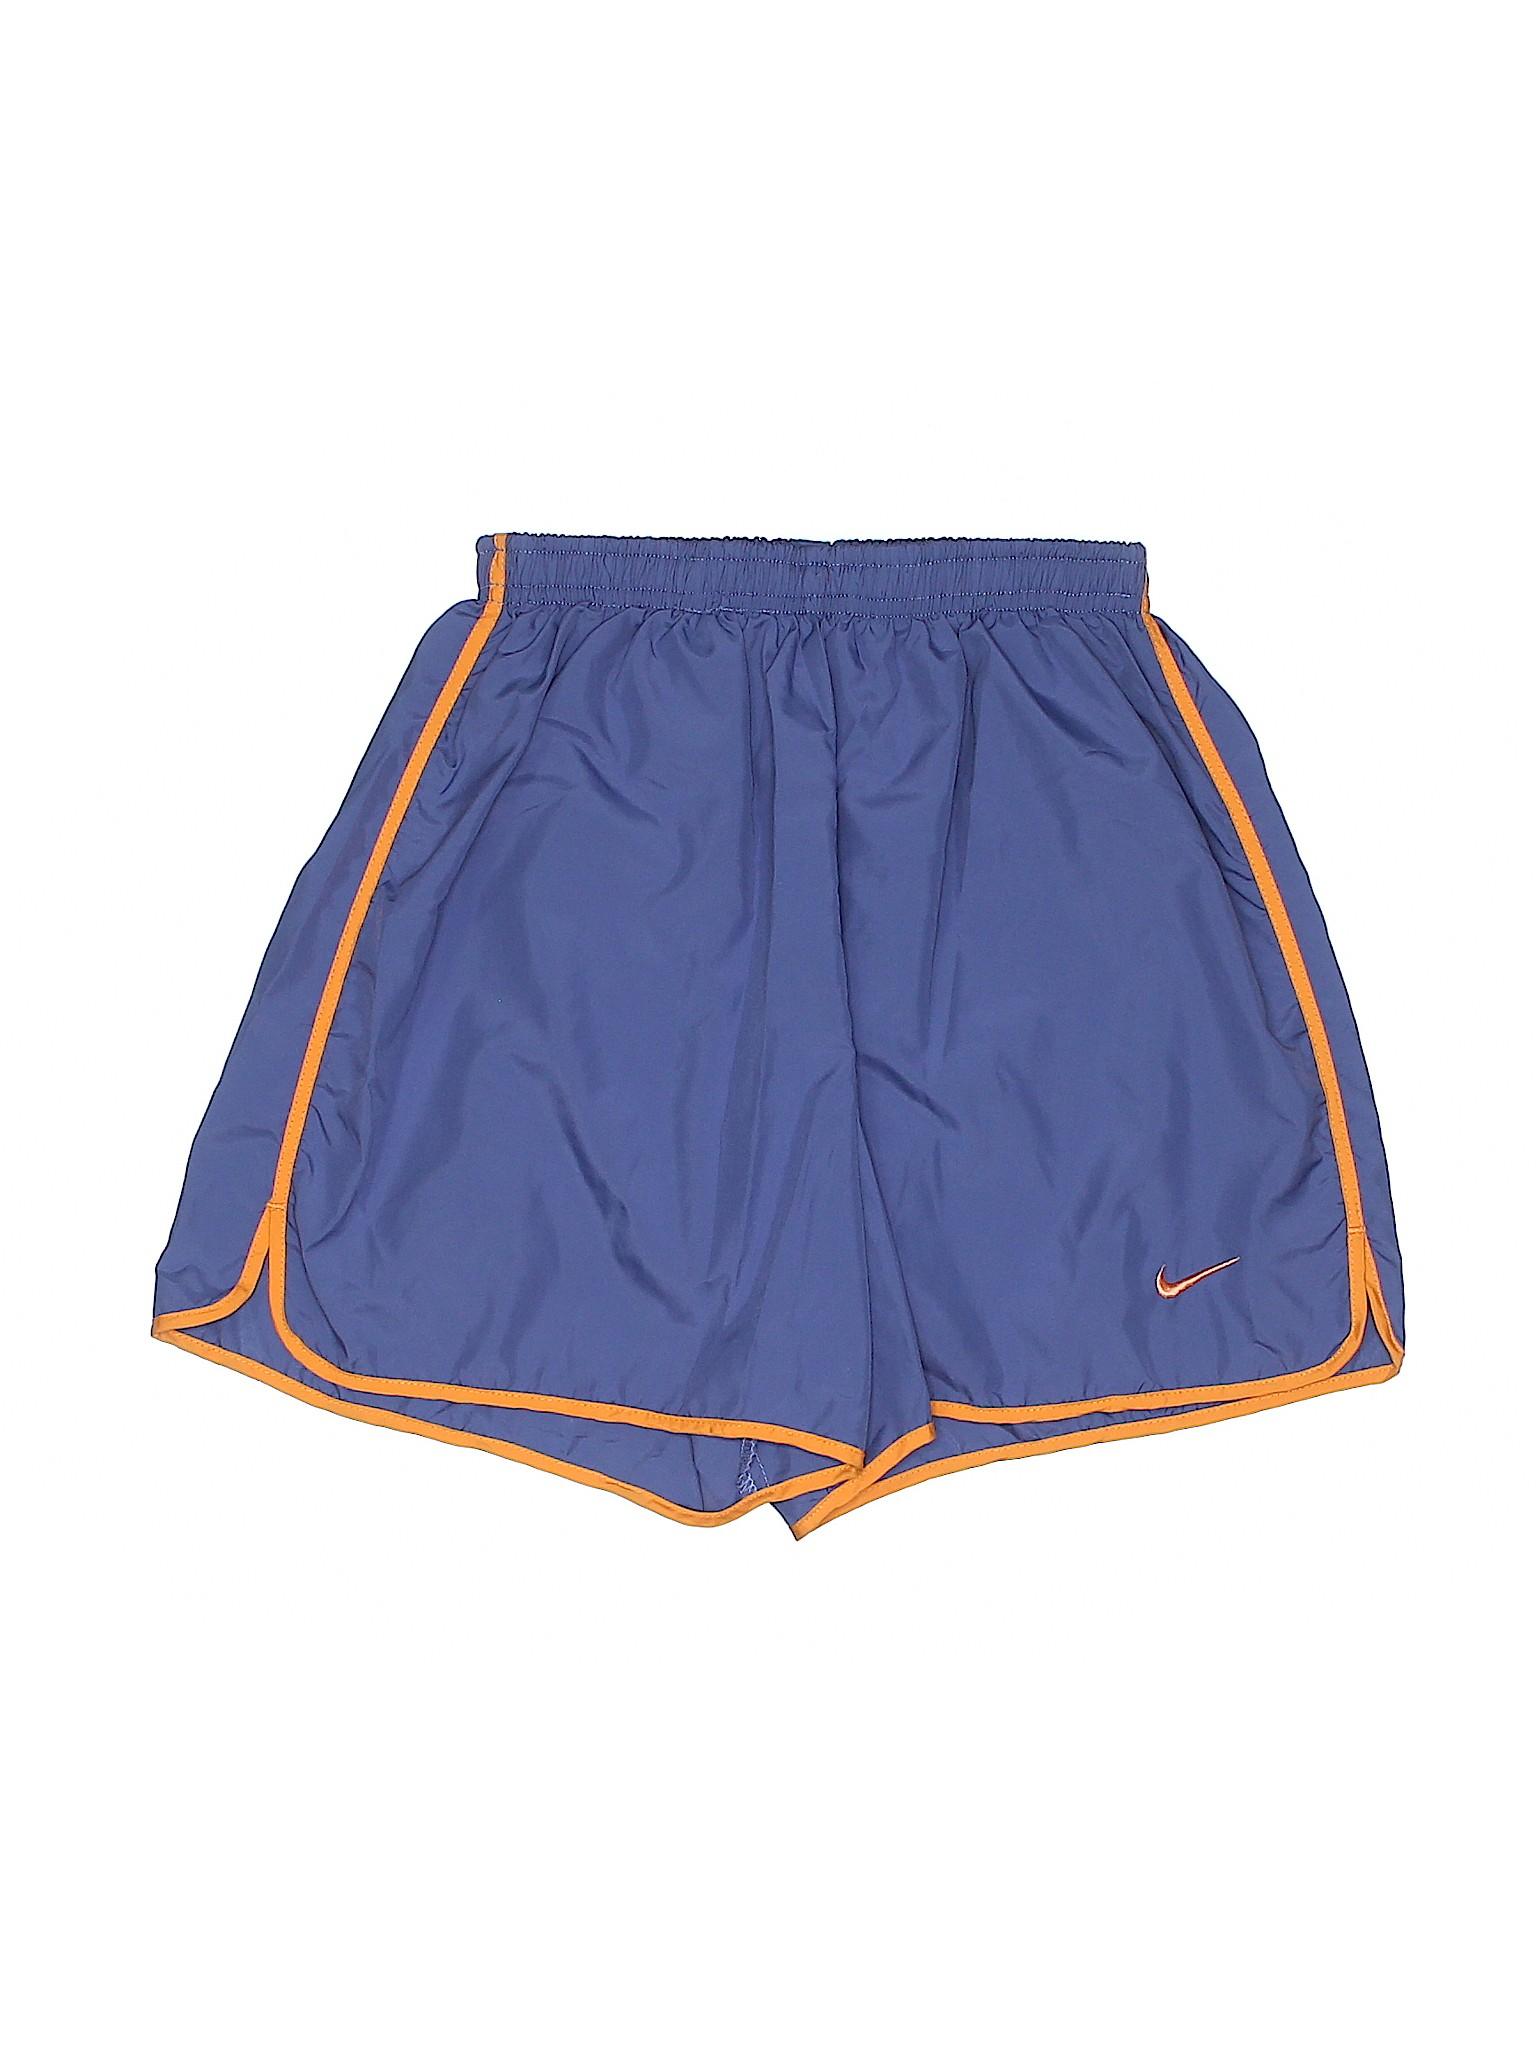 Shorts Athletic Boutique leisure Nike leisure Boutique qwXZfp